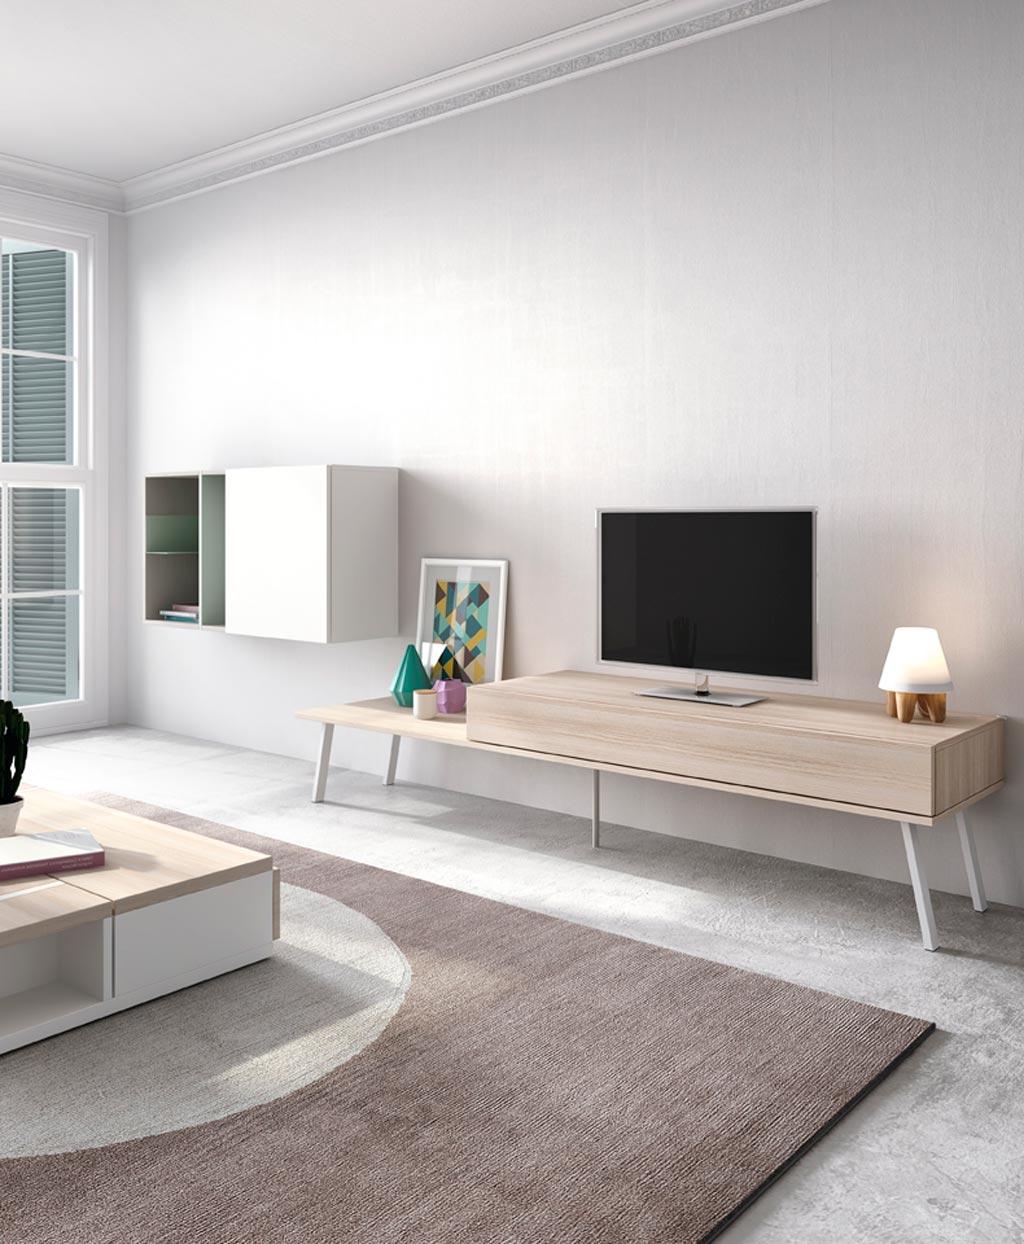 Muebles nordicos Modernos J7do Fotografà as De Salà Nes Y Edores Modernos Decormobel